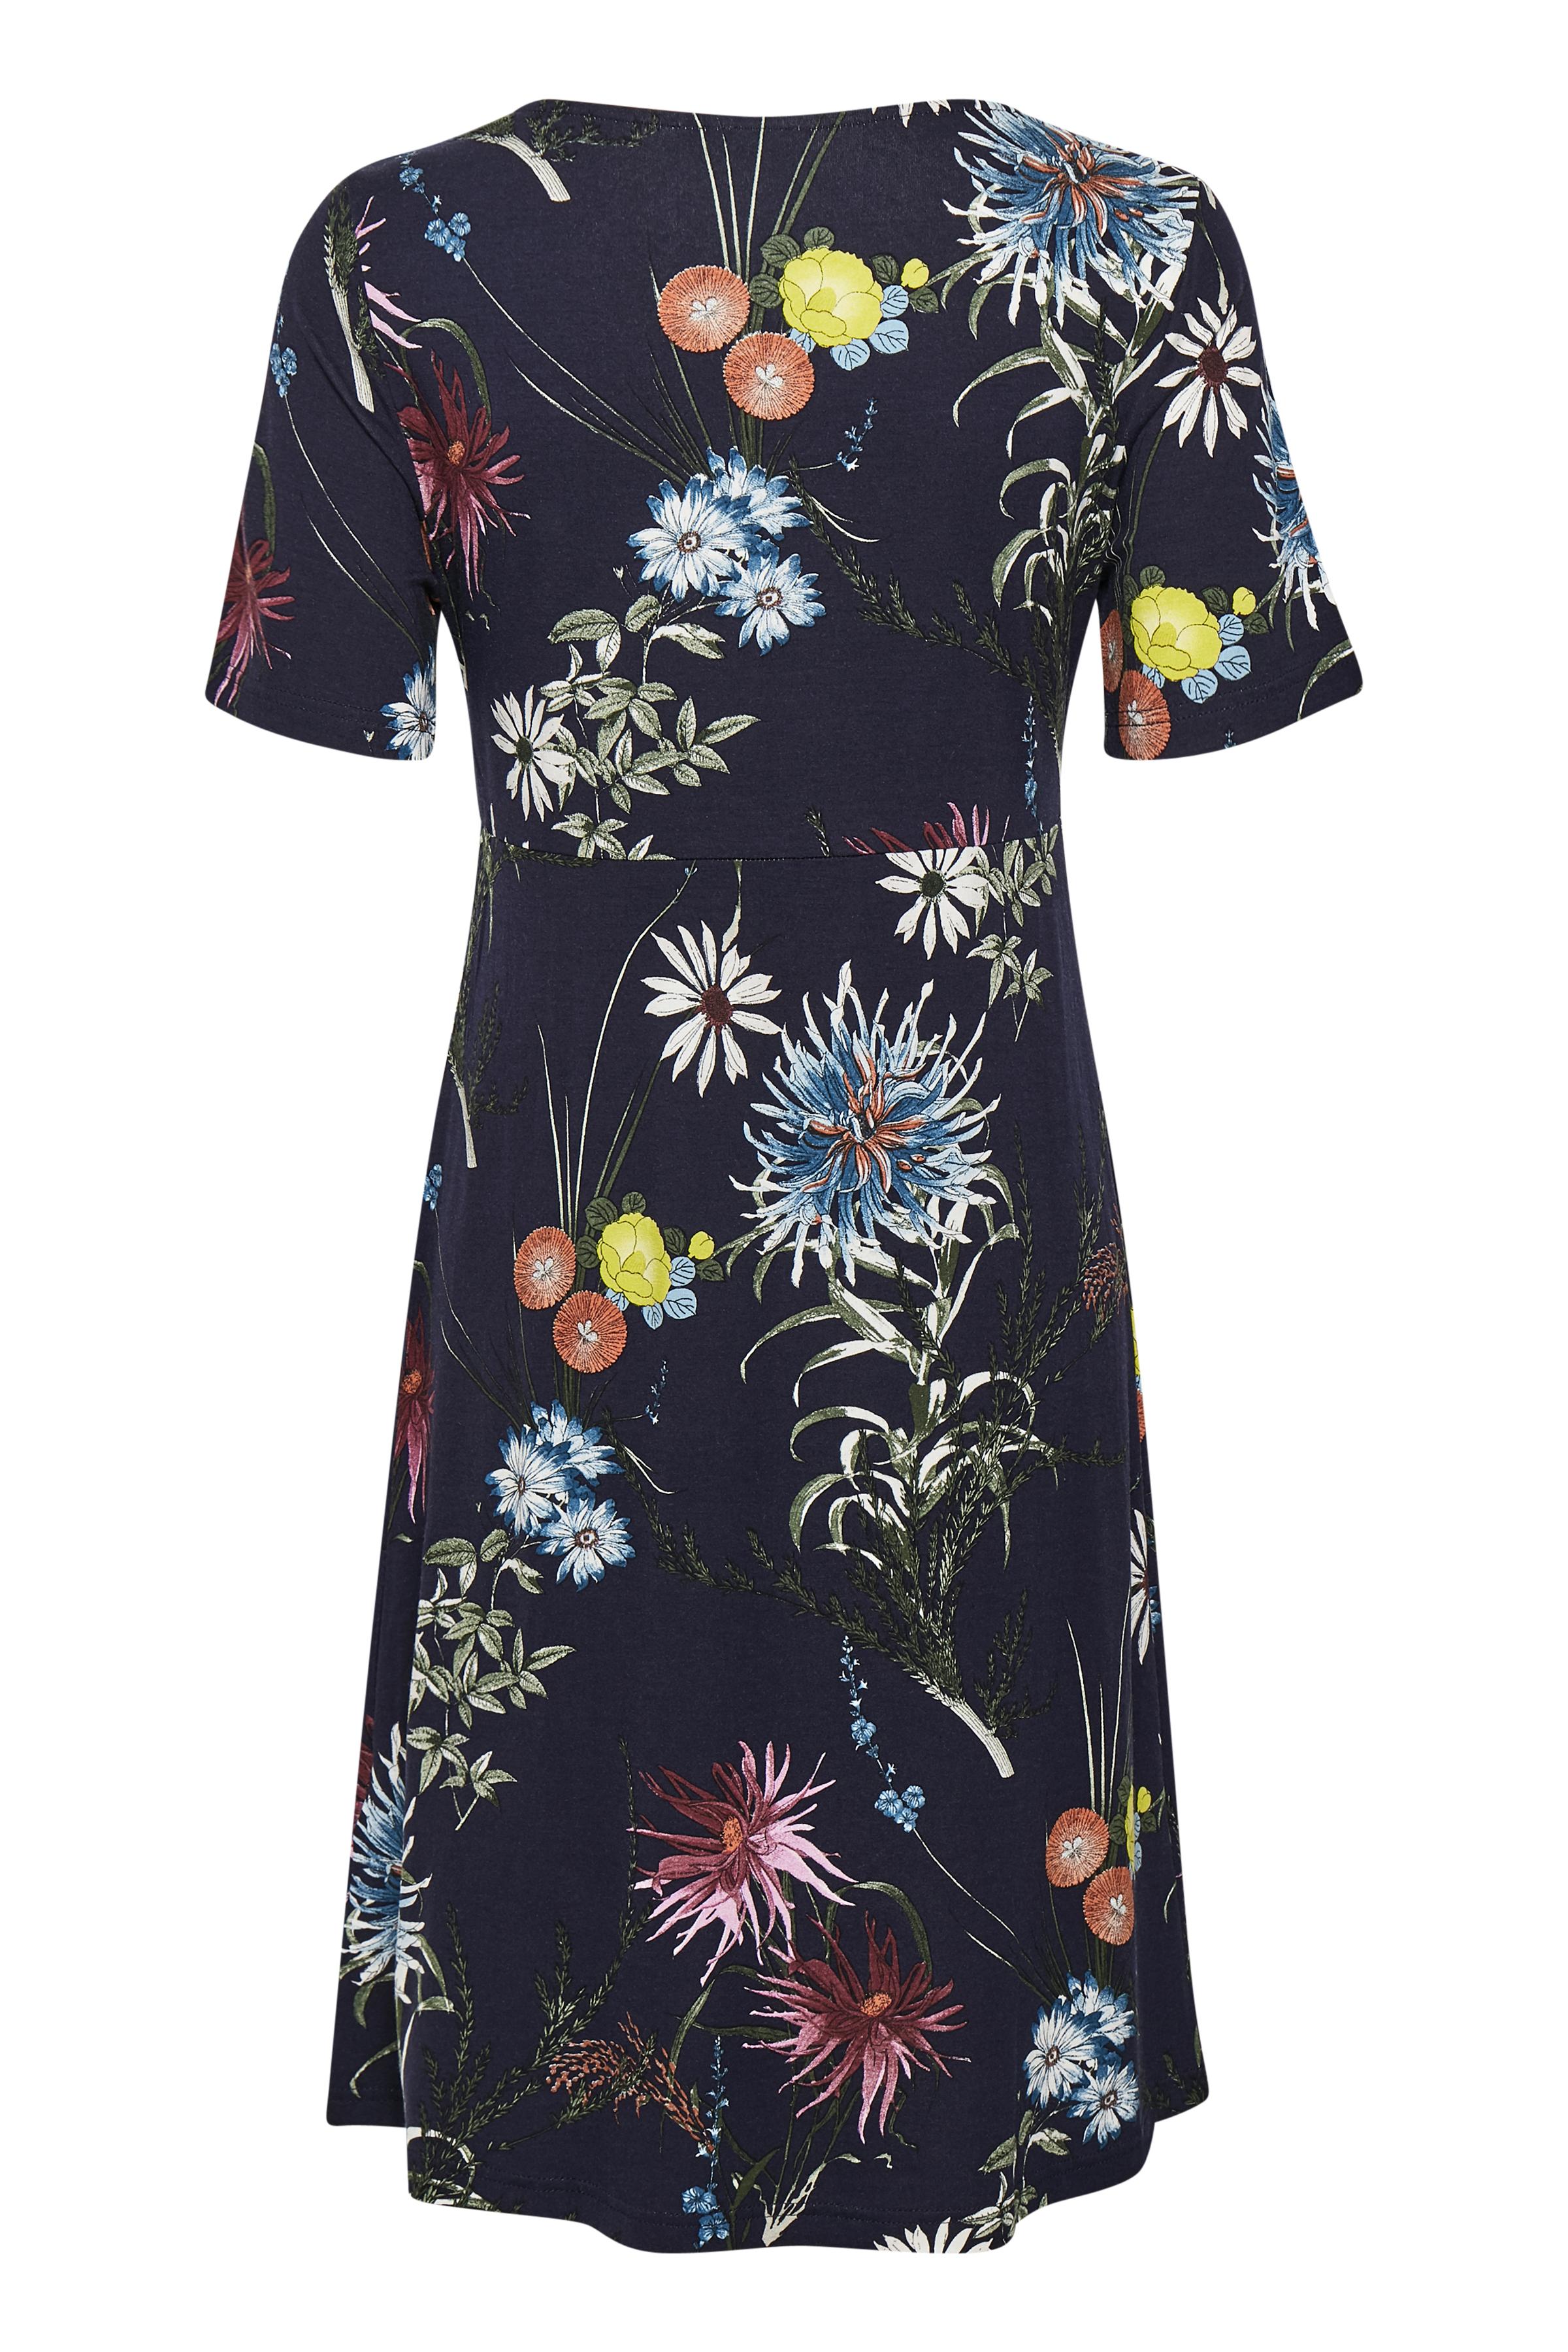 Dunkelblau/pink Kleid von Bon'A Parte – Shoppen Sie Dunkelblau/pink Kleid ab Gr. S-2XL hier